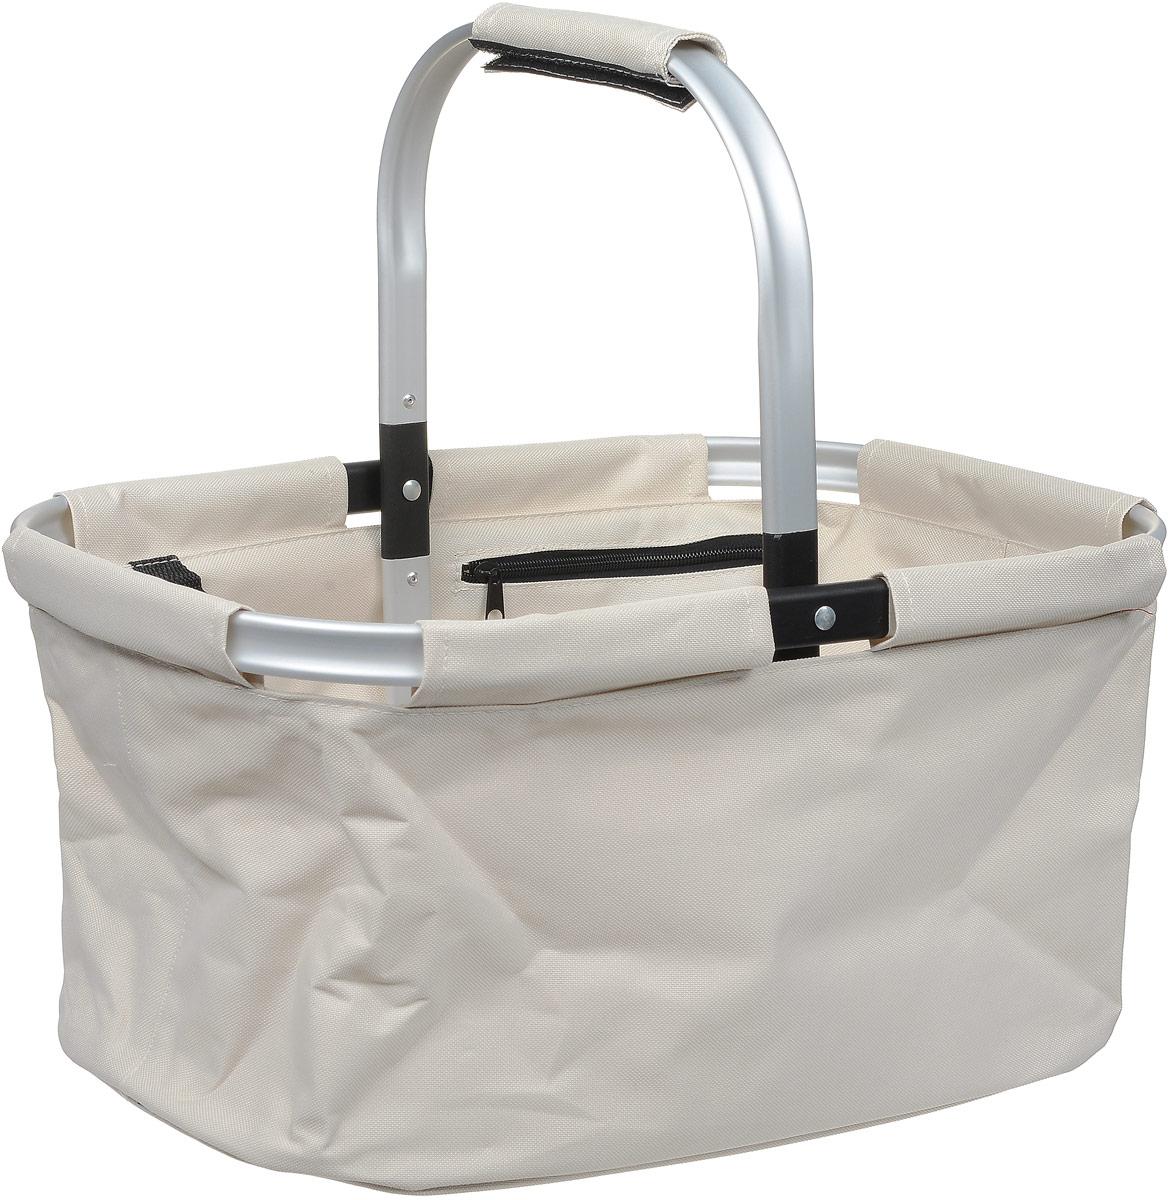 Корзина для покупок Tescoma Shop!, складная, цвет: белый, 30 х 46 х 23 см ваза mughal l 20 х 20 х 30 см